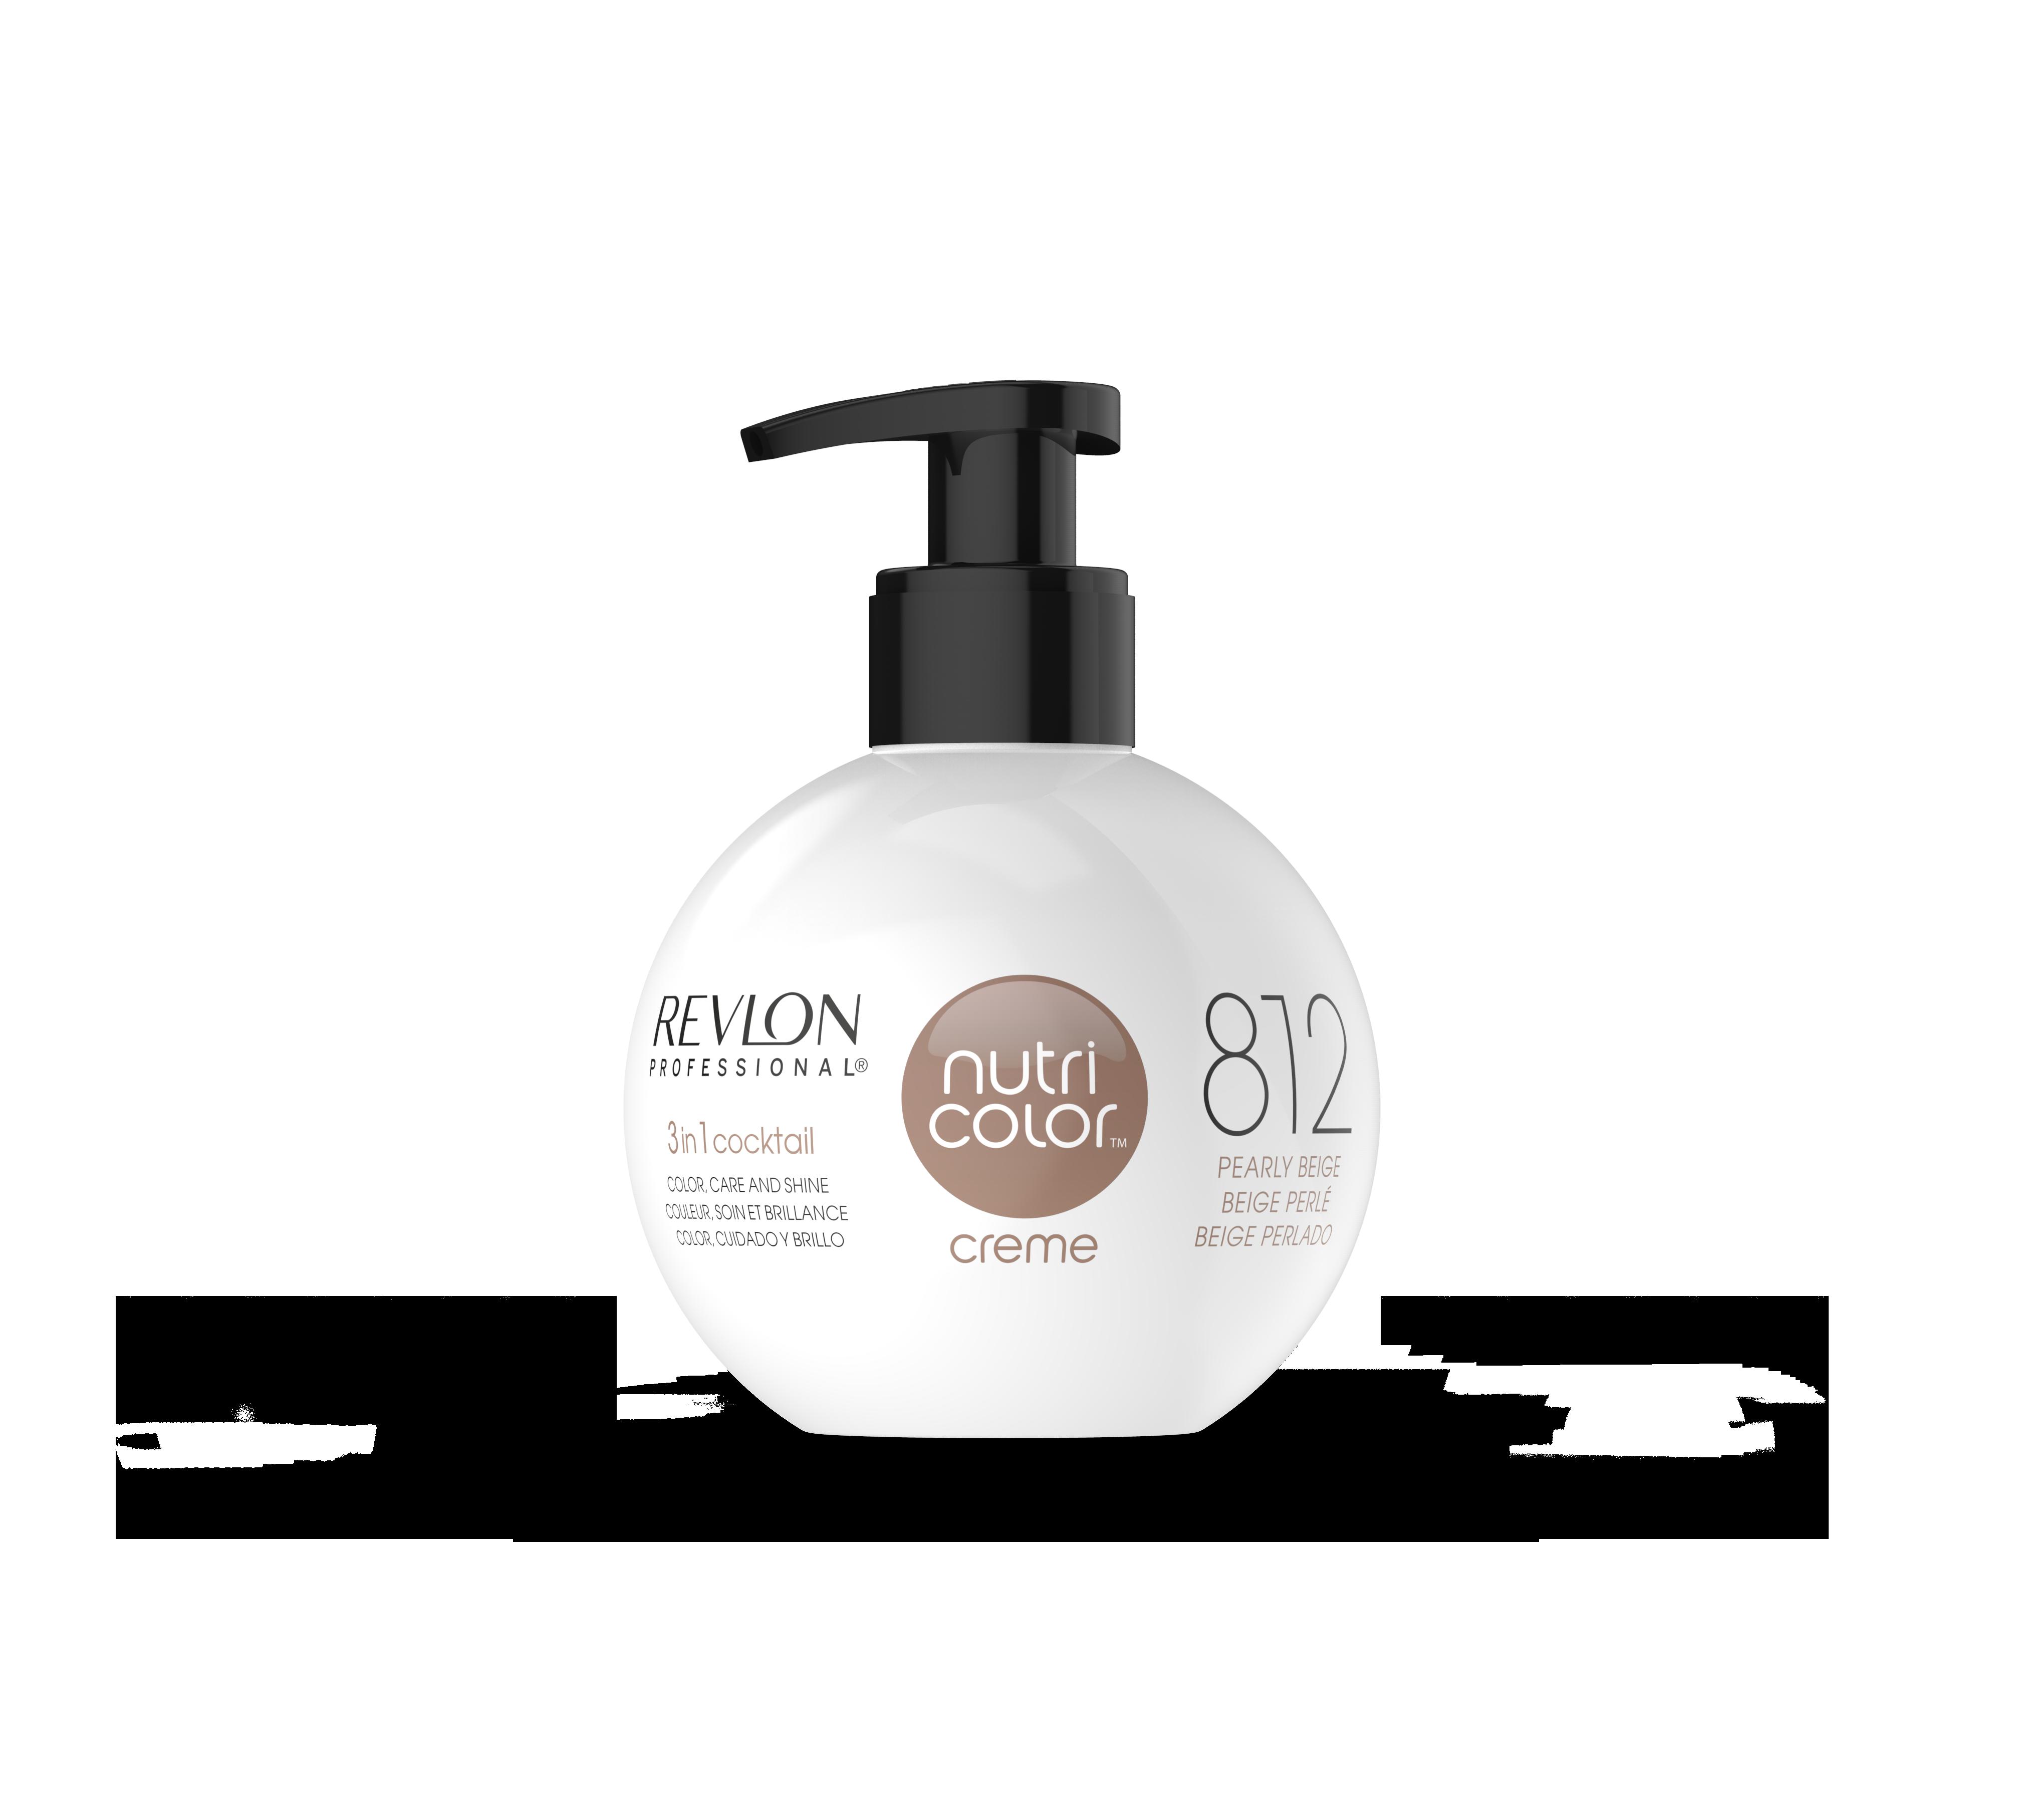 Купить REVLON Professional 812 краска 3 в 1 для волос, жемчужный бежевый / NUTRI COLOR CREME 270 мл